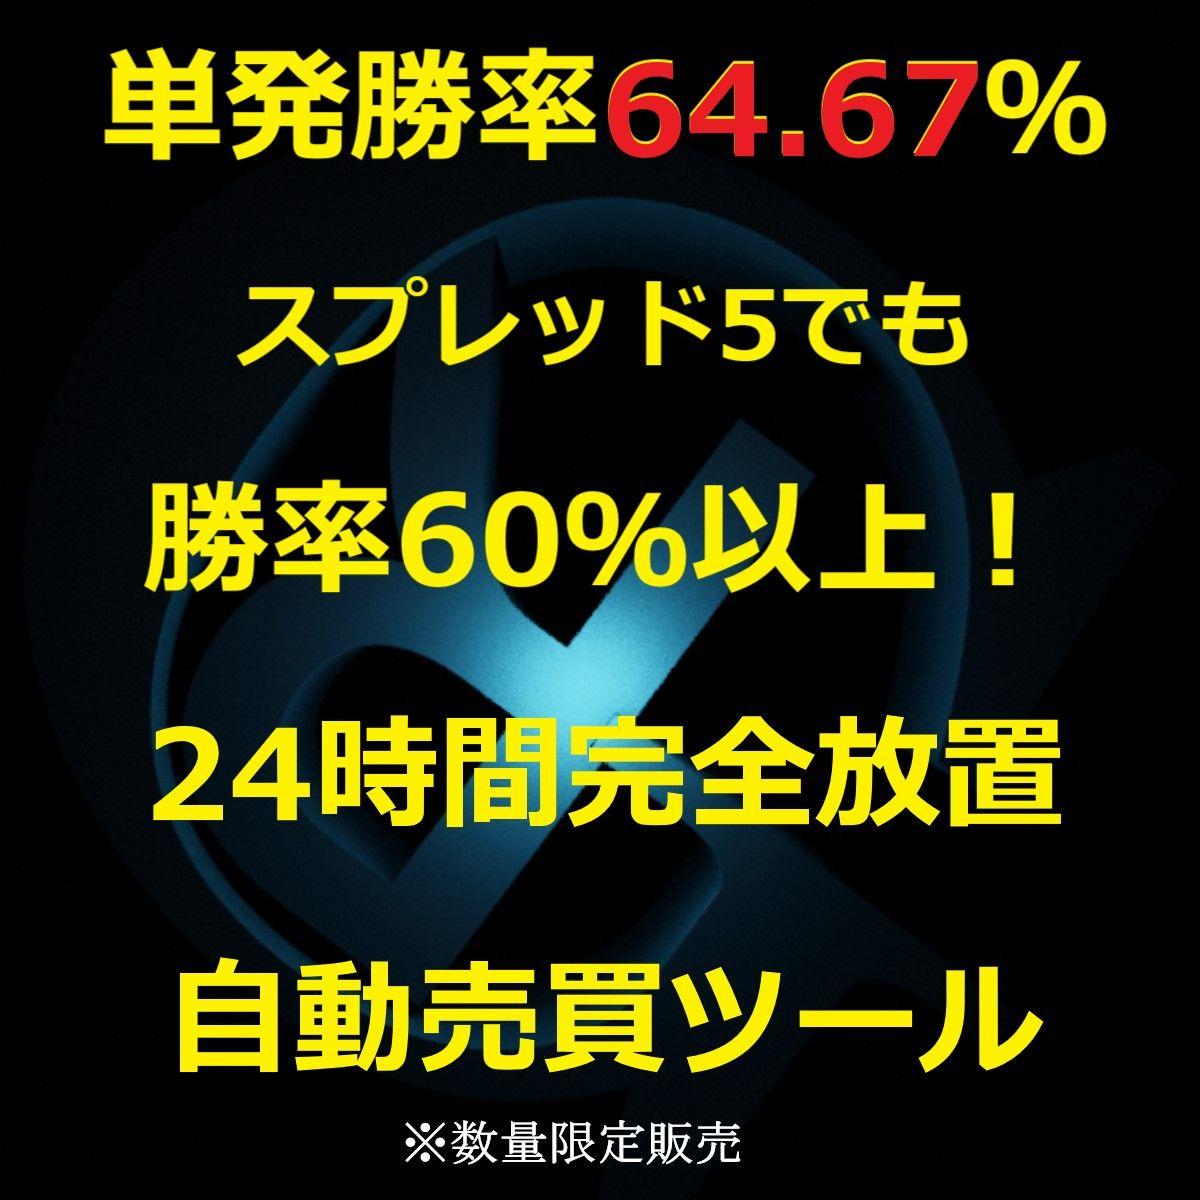 スプレッドが5ポイントの悪条件でも驚異の勝率60.69%をキープ!